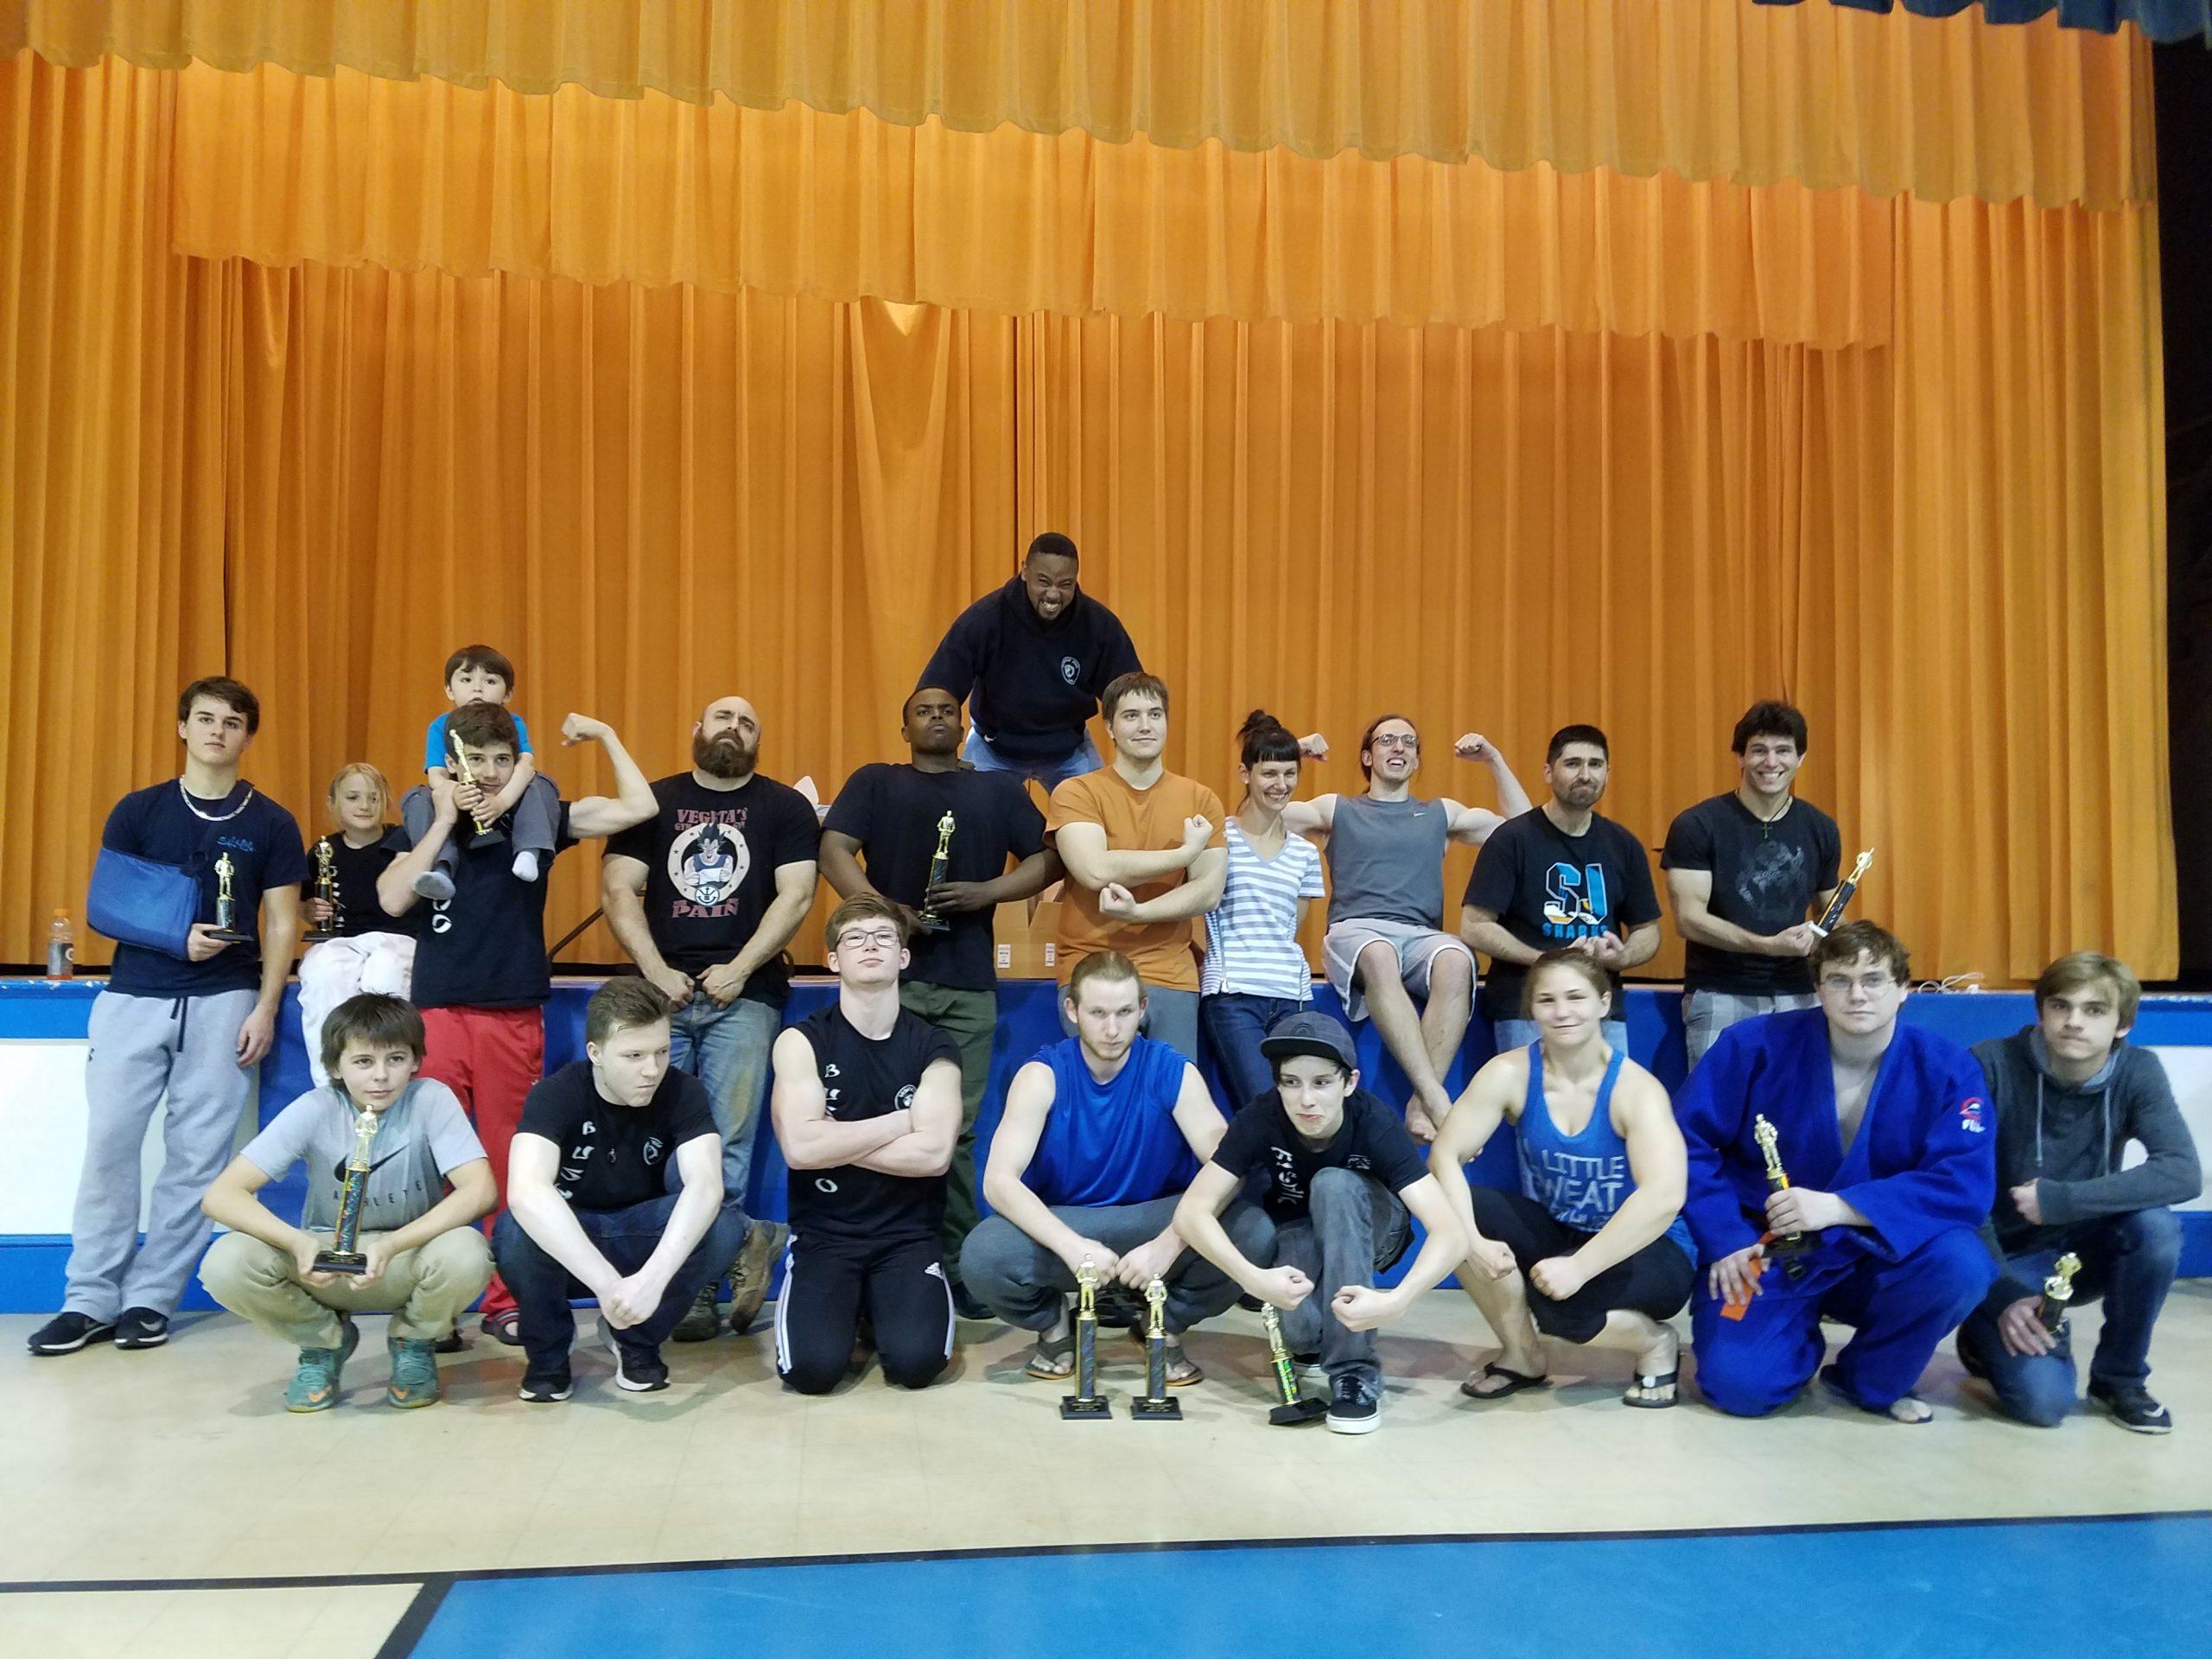 Bushido Judo Flexing for Group Photo